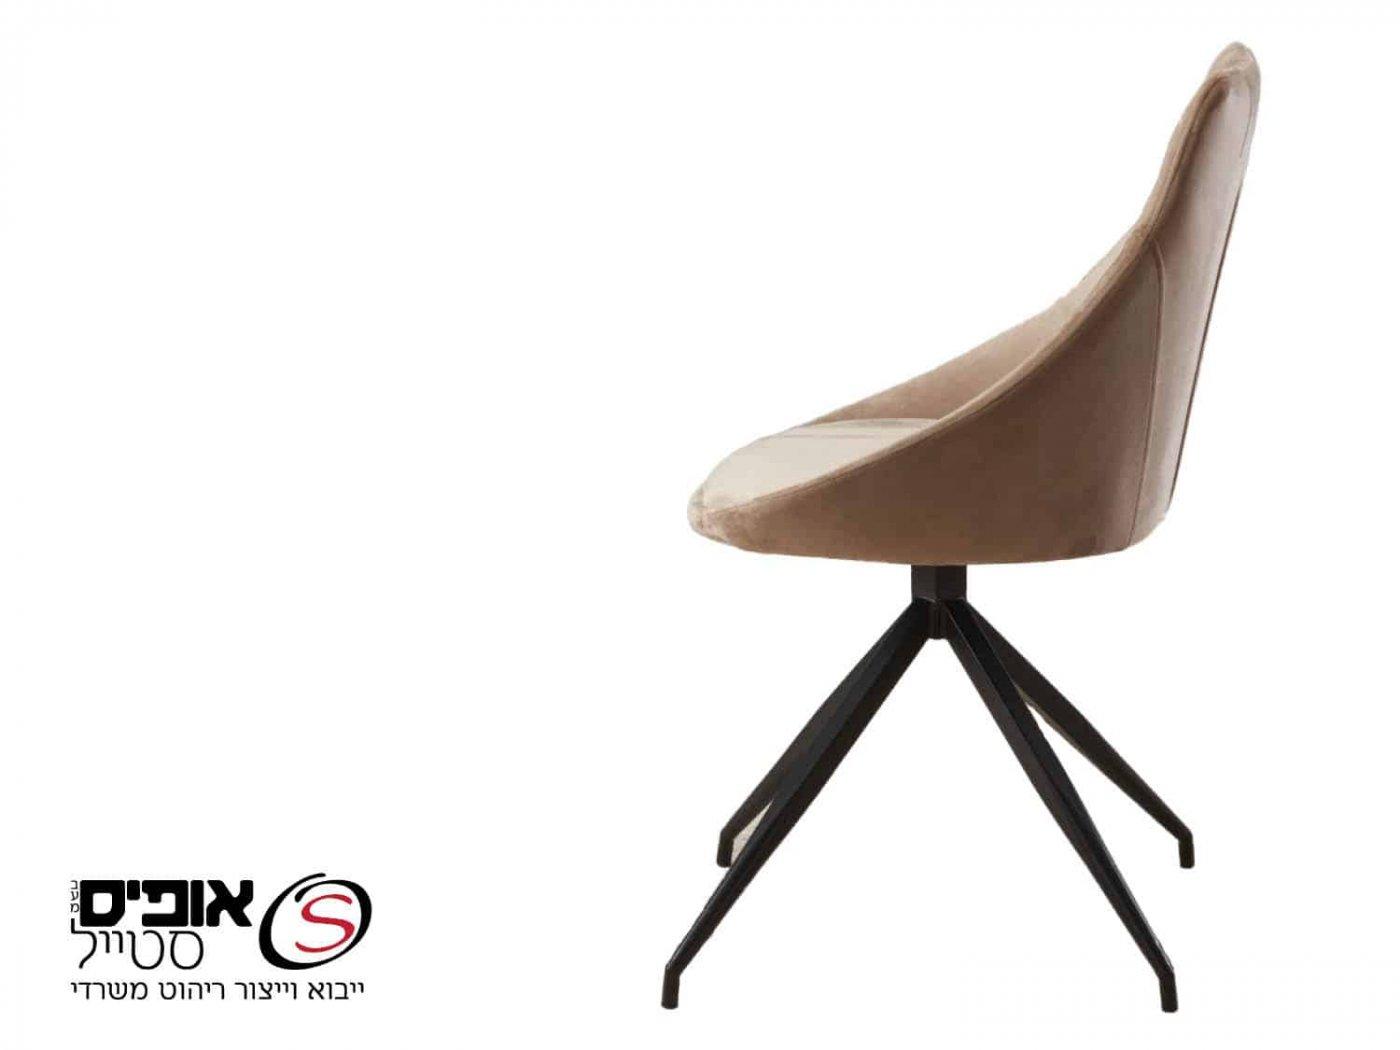 כסא המתנה  ורטיגו כאמל